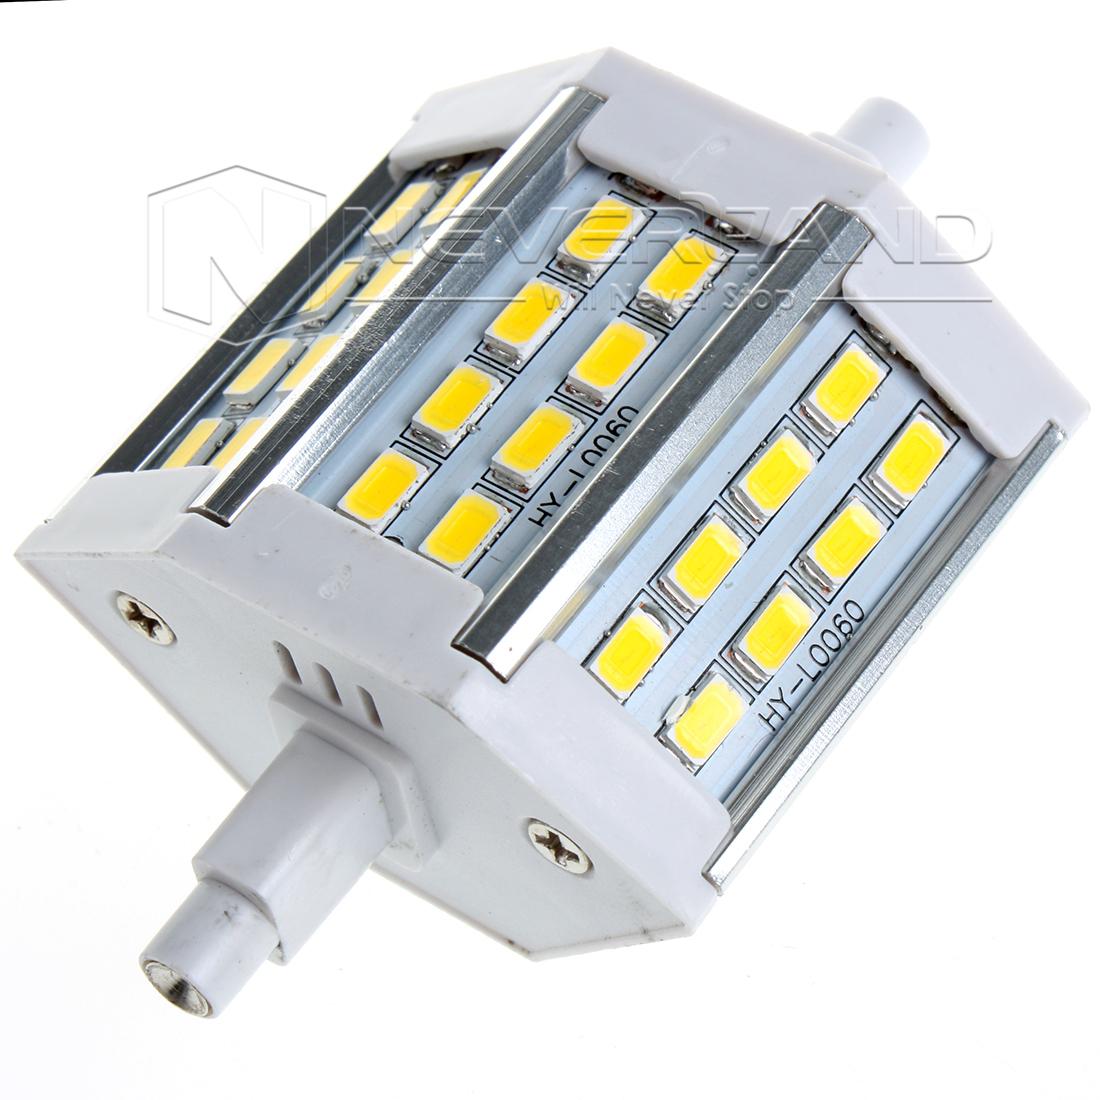 r7s led 2835 5050 5730 smd lampe leuchtmittel stehlampe. Black Bedroom Furniture Sets. Home Design Ideas